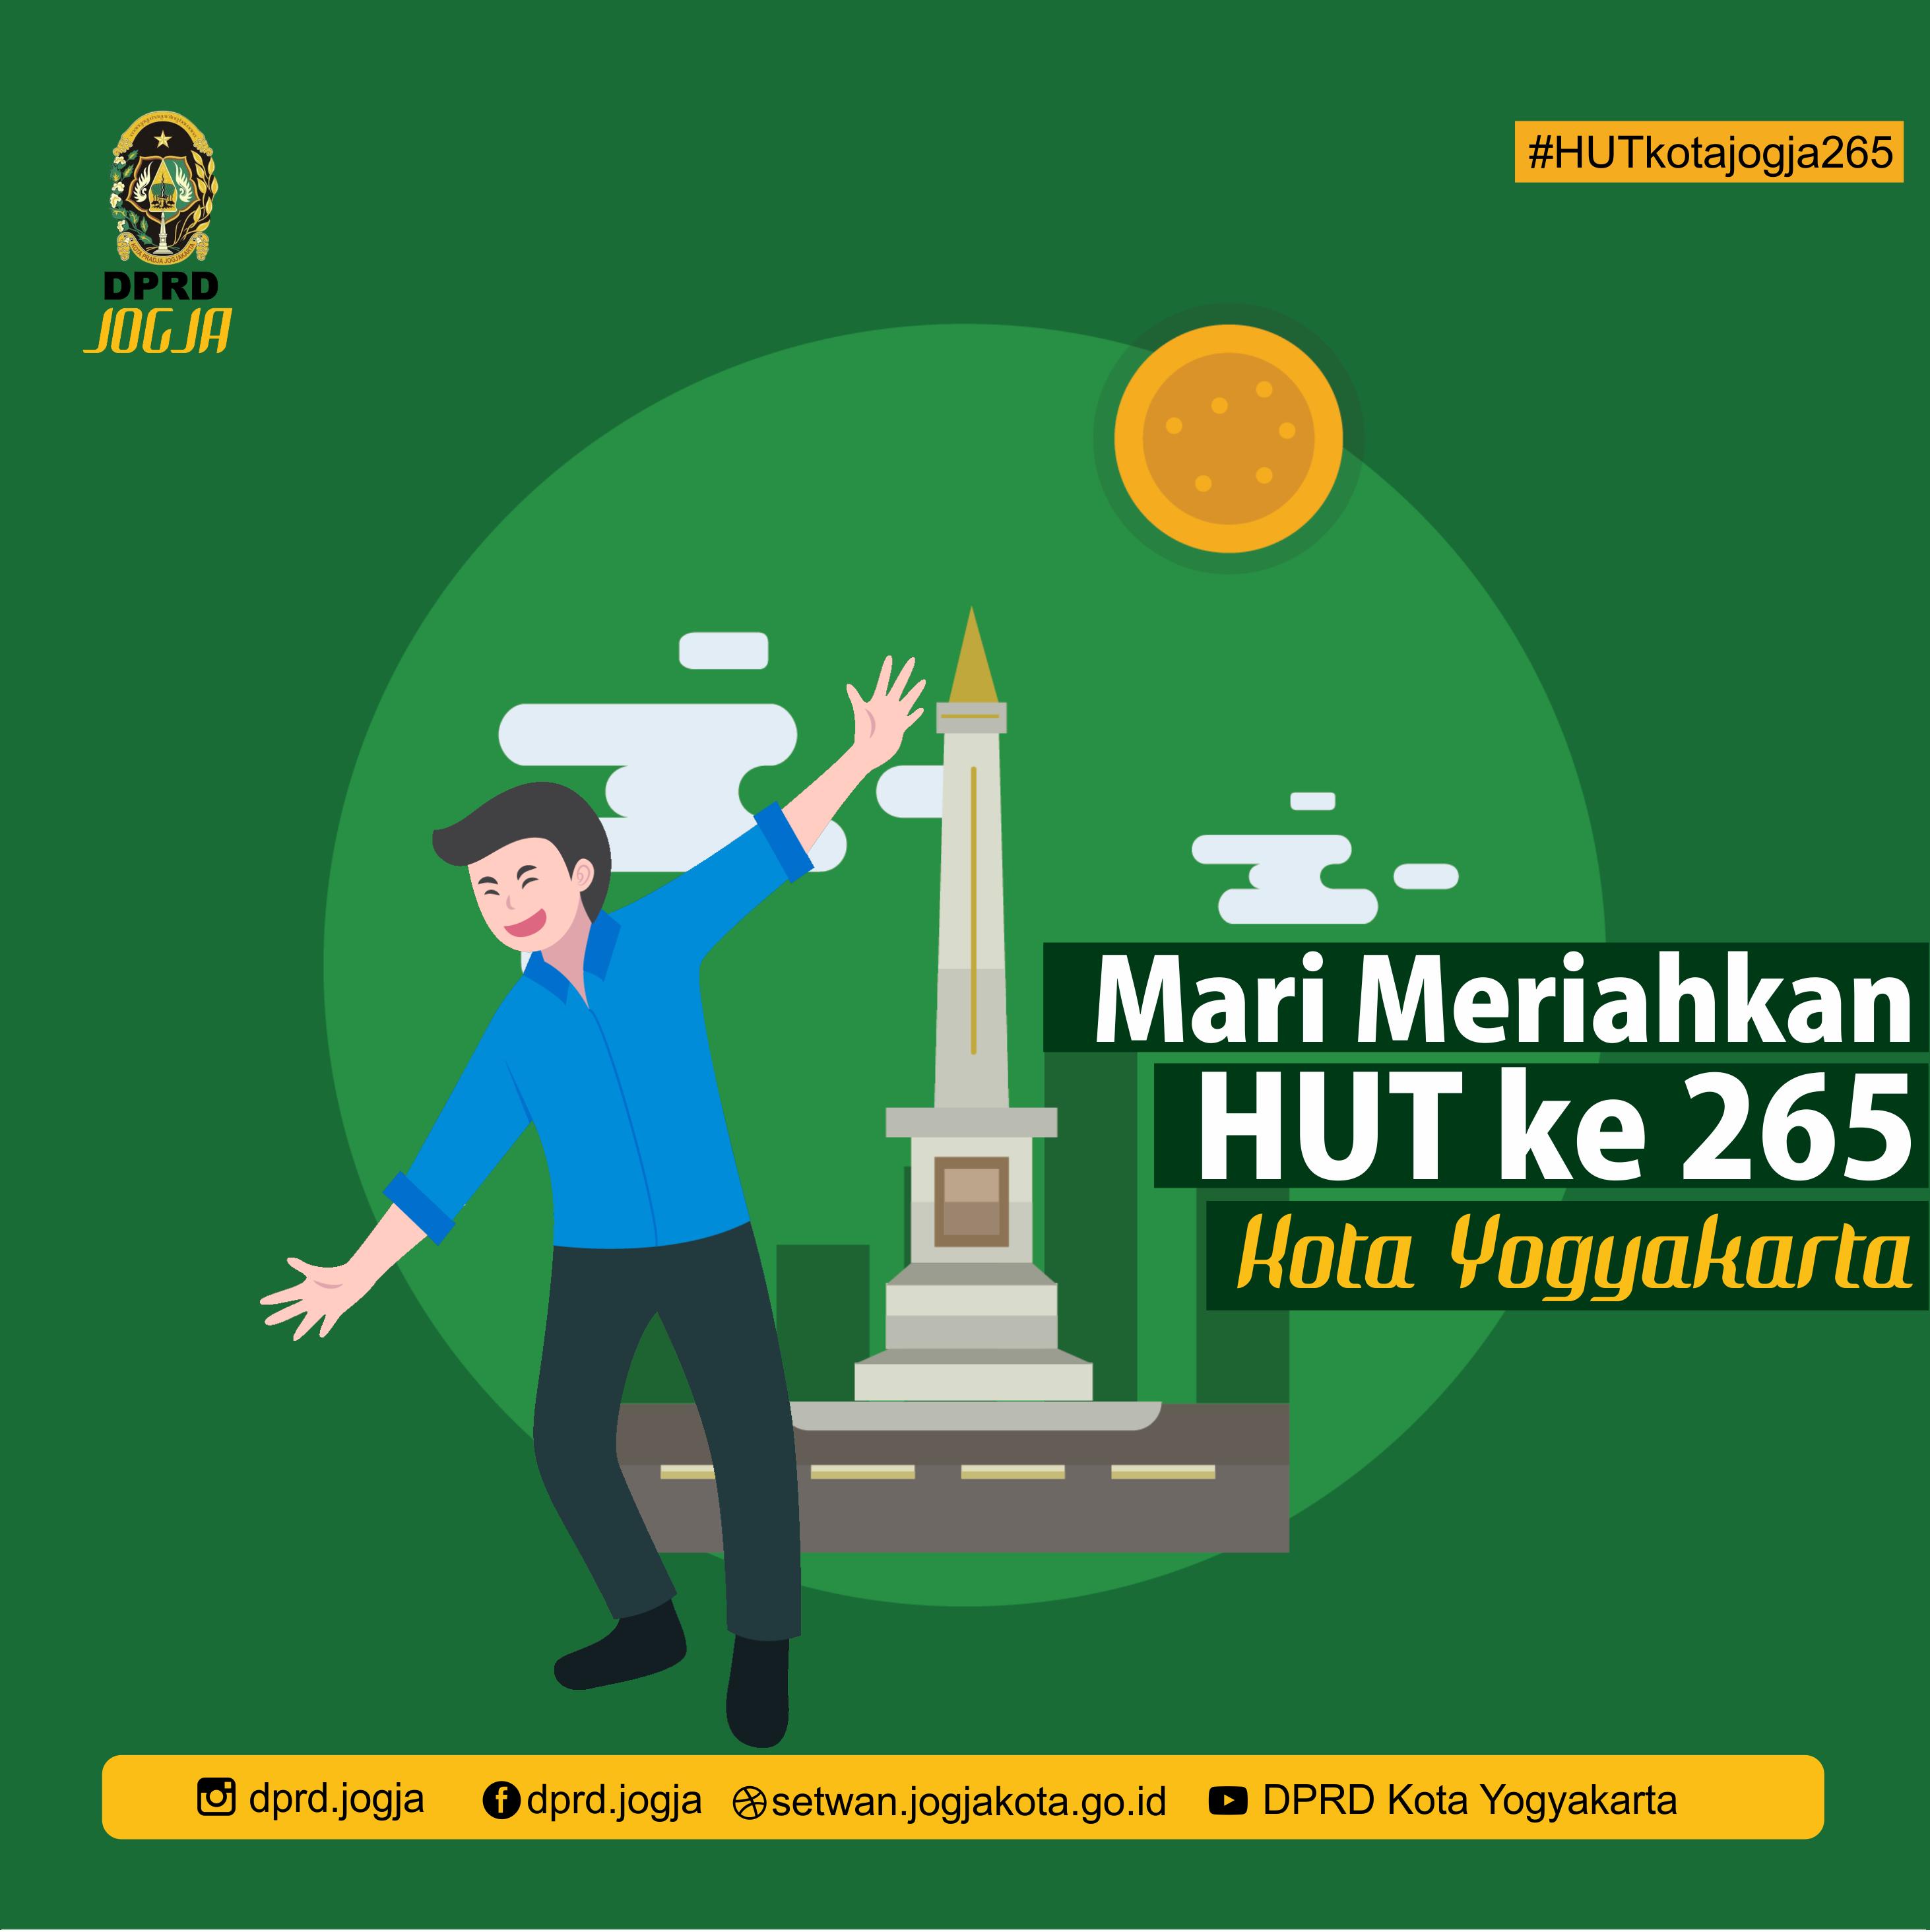 Mari Meriahkan Hut ke 265 Kota Yogyakarta